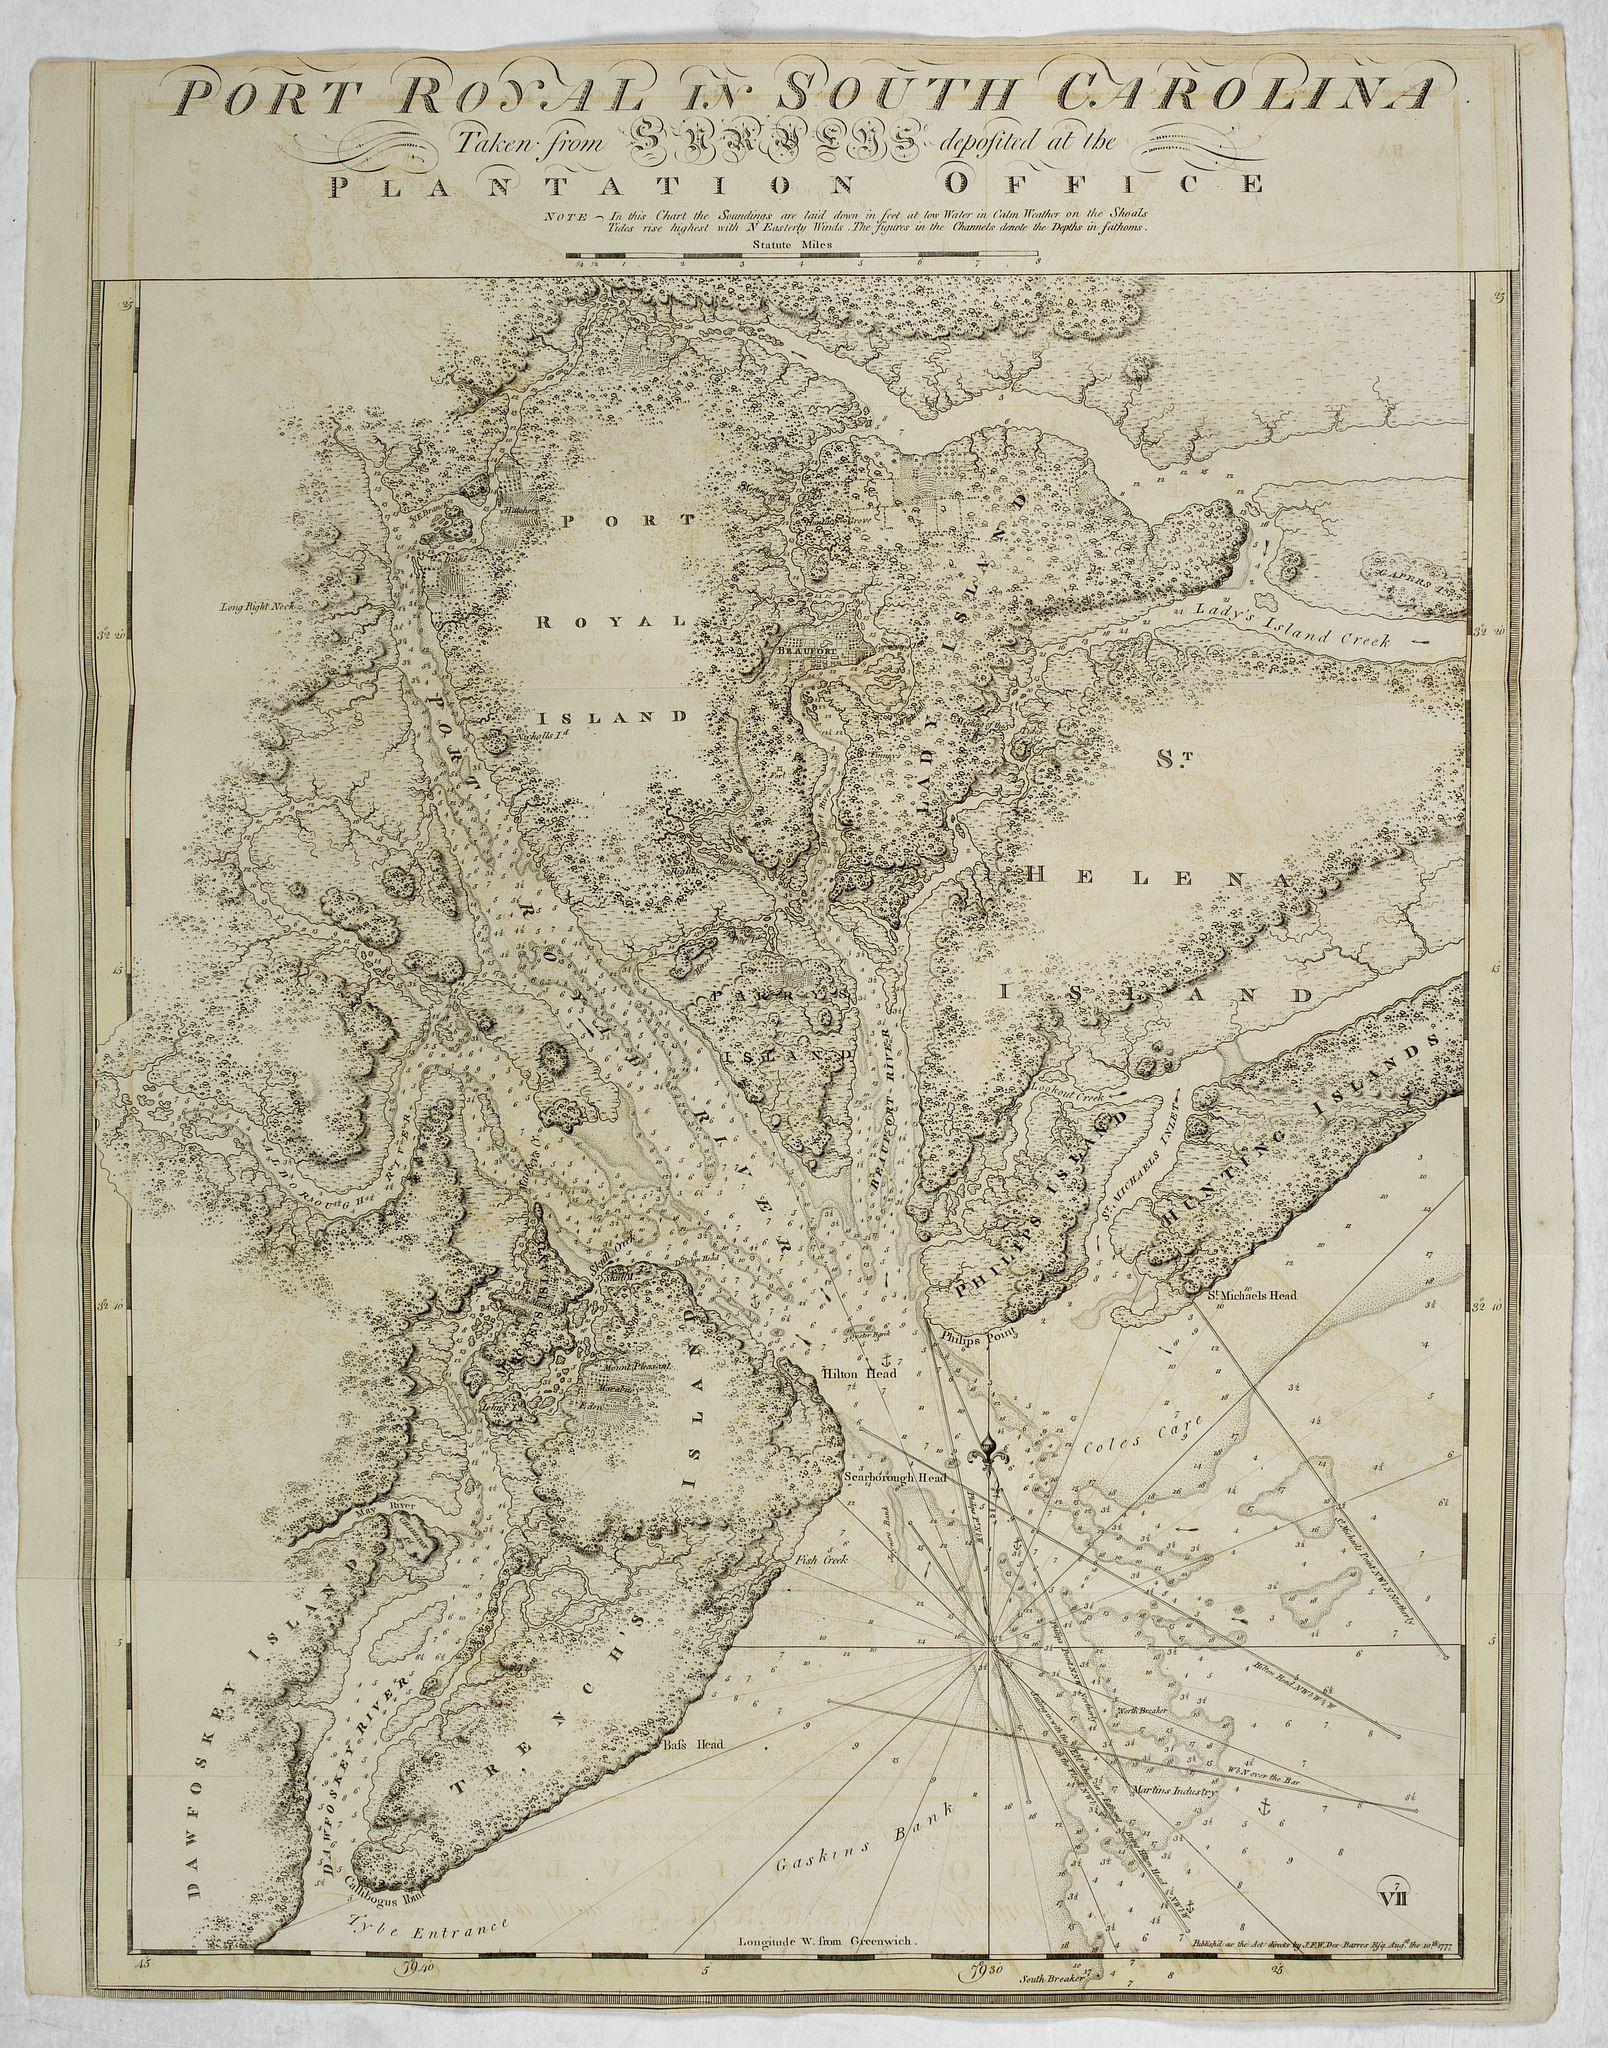 DES BARRES, J.F.W. -  Port Royal in South Carolina Taken from Surveys Deposited at the Plantation Office . . .